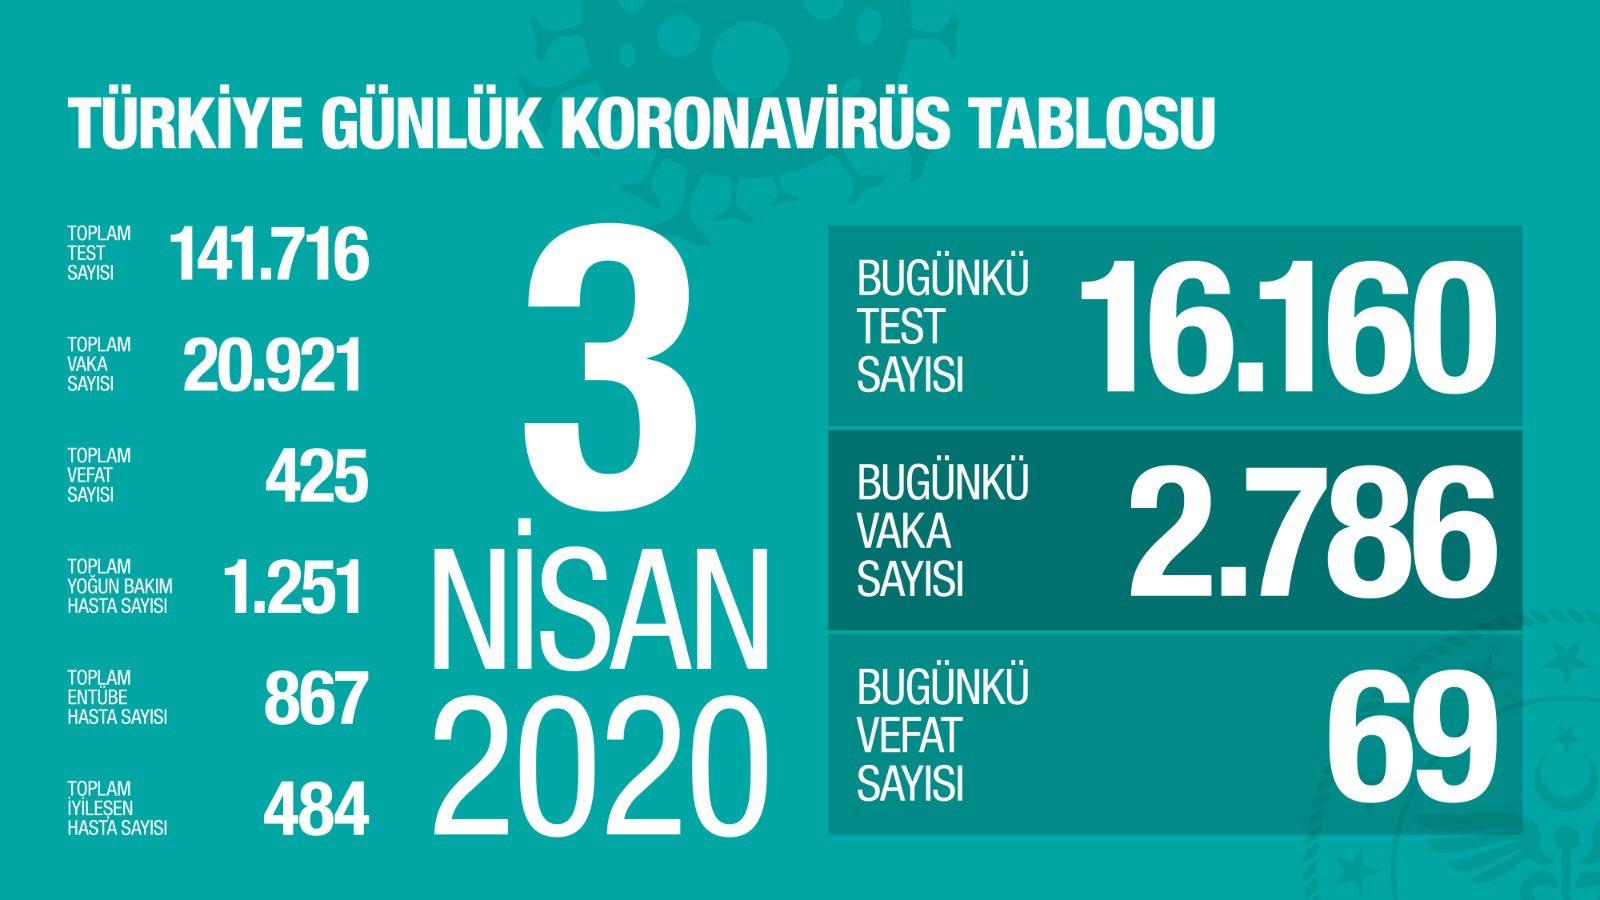 Vaka Sayısı Türkiye'de 20.921'e Ulaştı ve Toplam Vefat Sayısı 425 Oldu